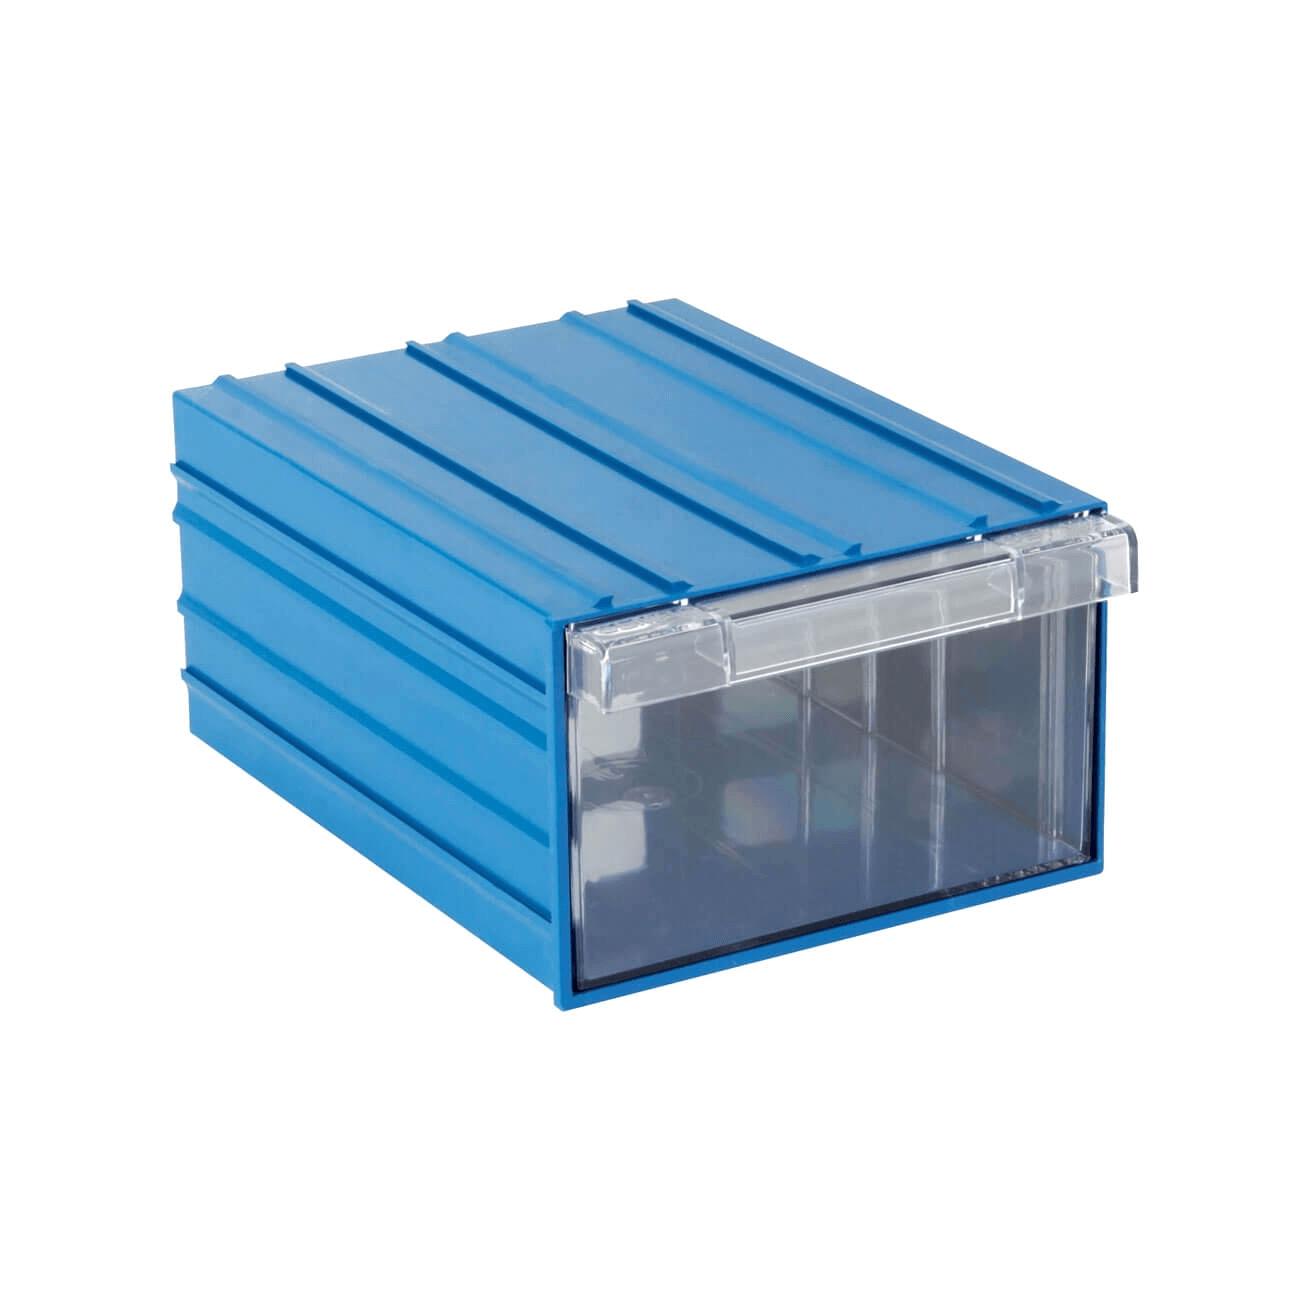 Çekmeceli Kutu J Serisi 11x23x17,3 cm Mavi